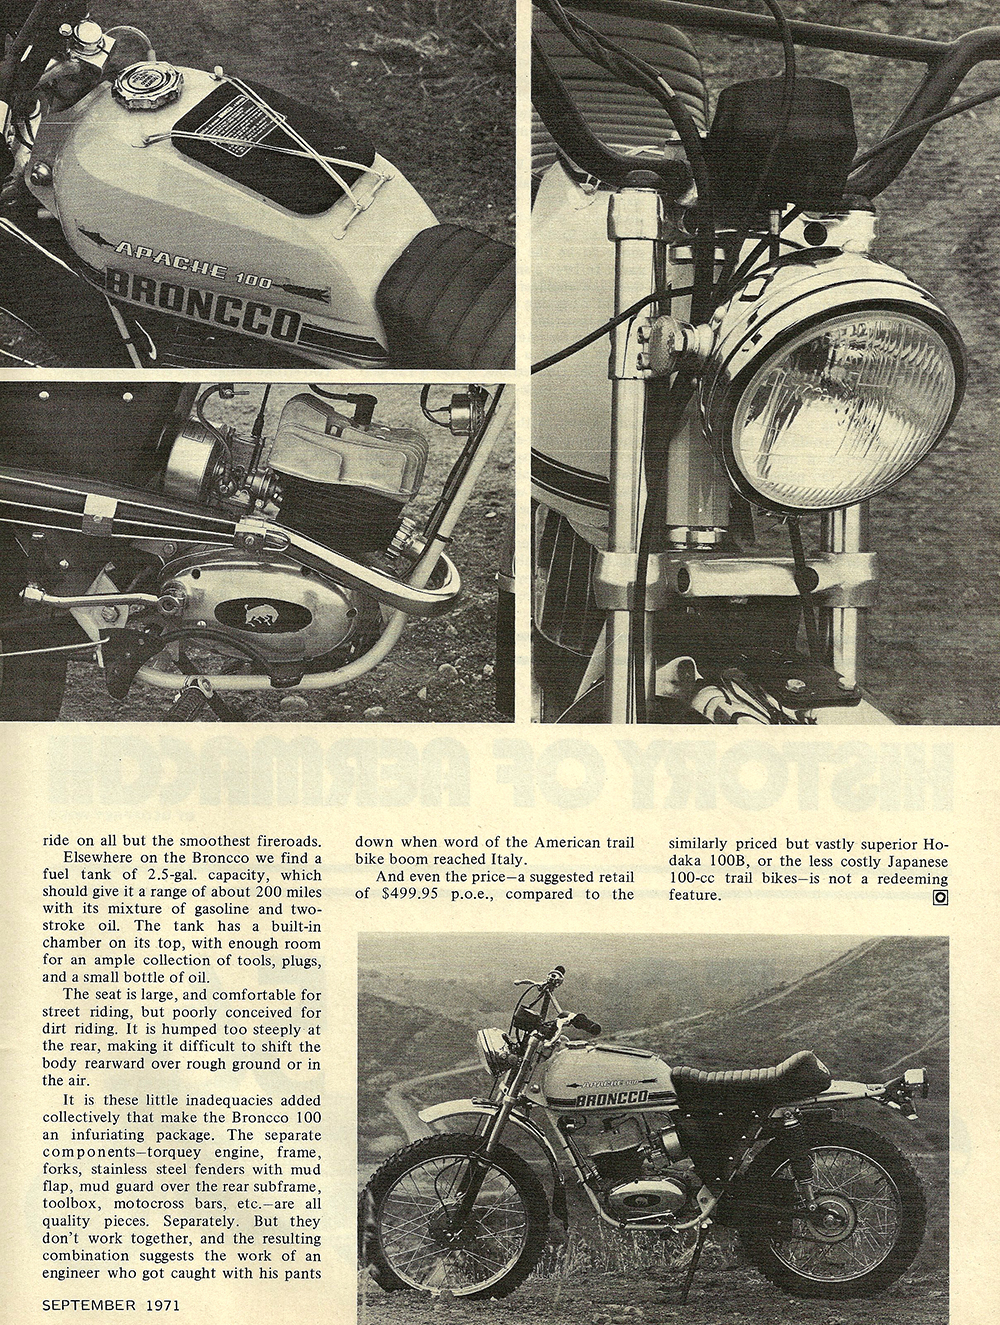 1971 Broncco Apache 100 road test 02.jpg